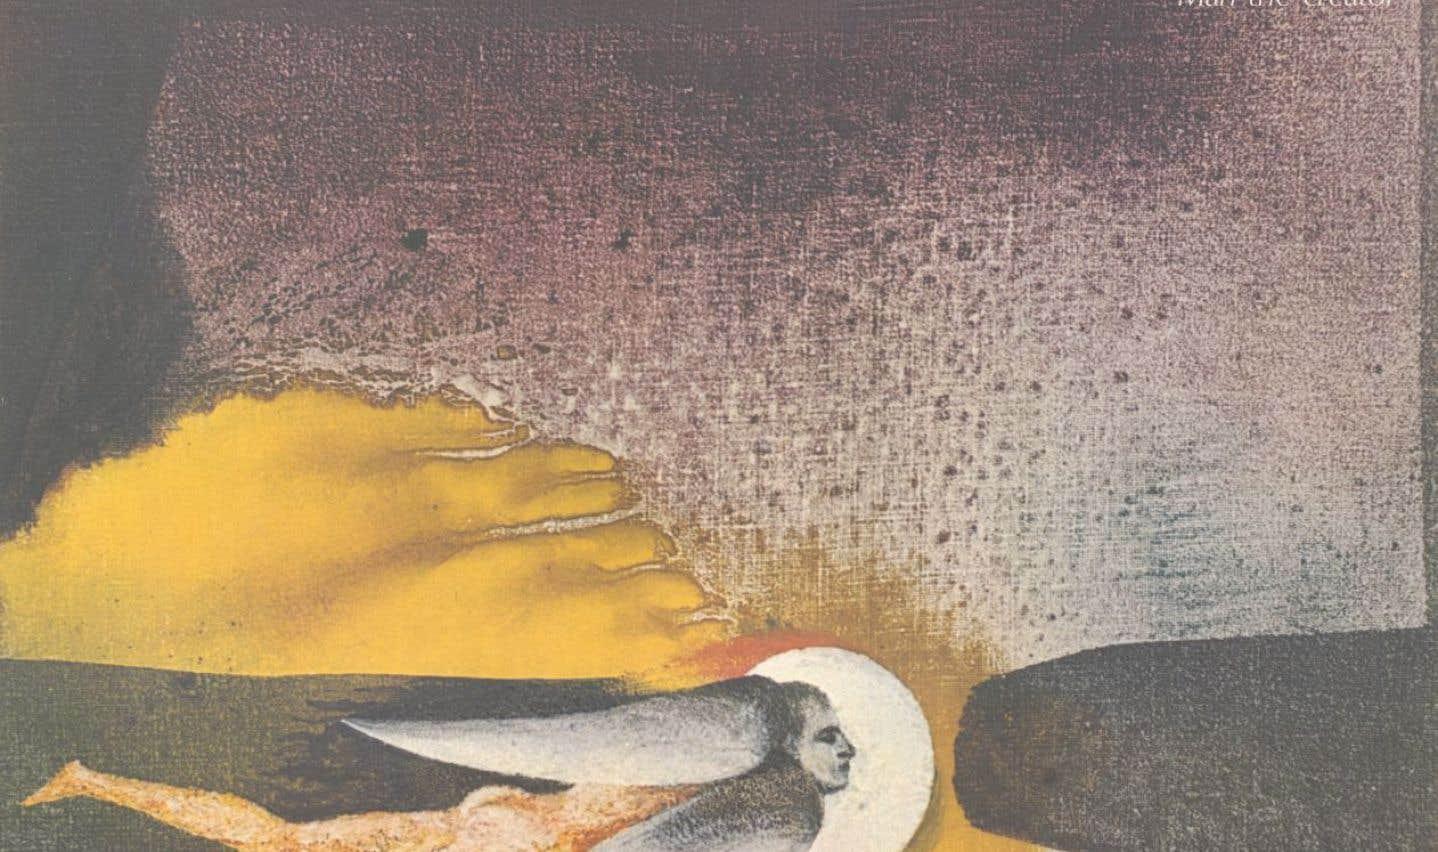 Affiche de l'Expo 67 reprenant une oeuvre d'Alfred Pellan